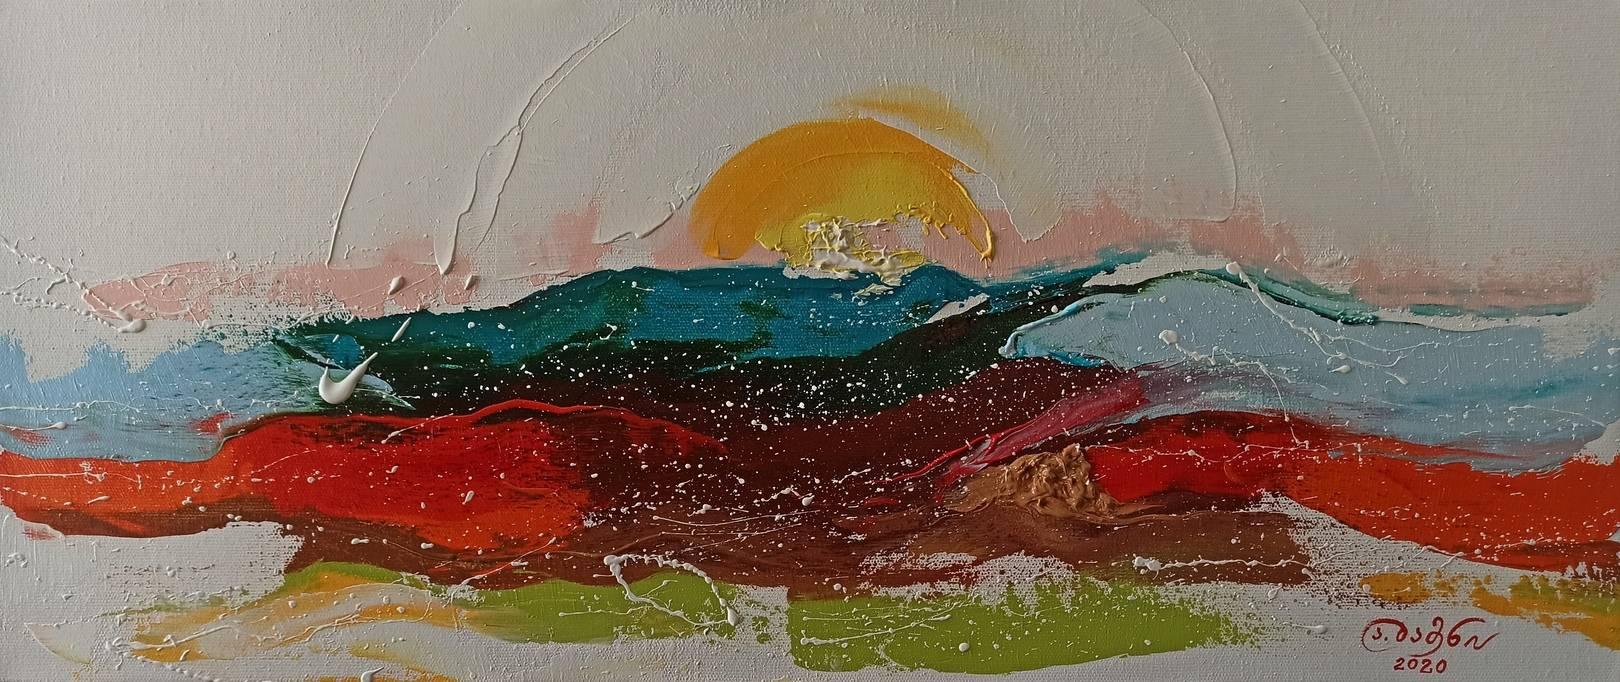 «Рассвет – новые надежды»       холст, масло «Dawn - new hopes» oil on canvas    30x70, 2020